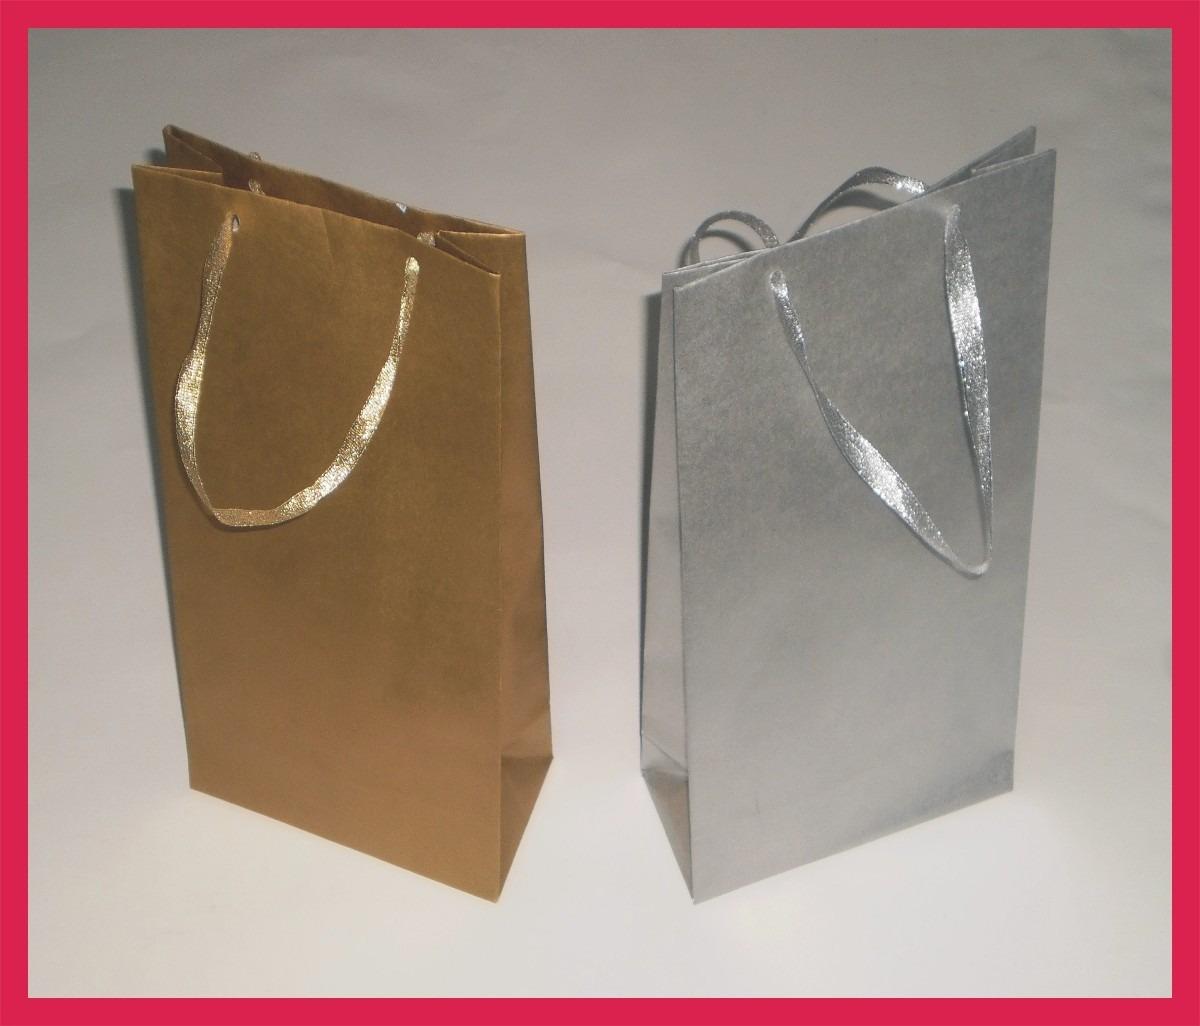 Bolsas de papel para regalo doradas y plateadas lindas - Bolsa de papel para regalo ...